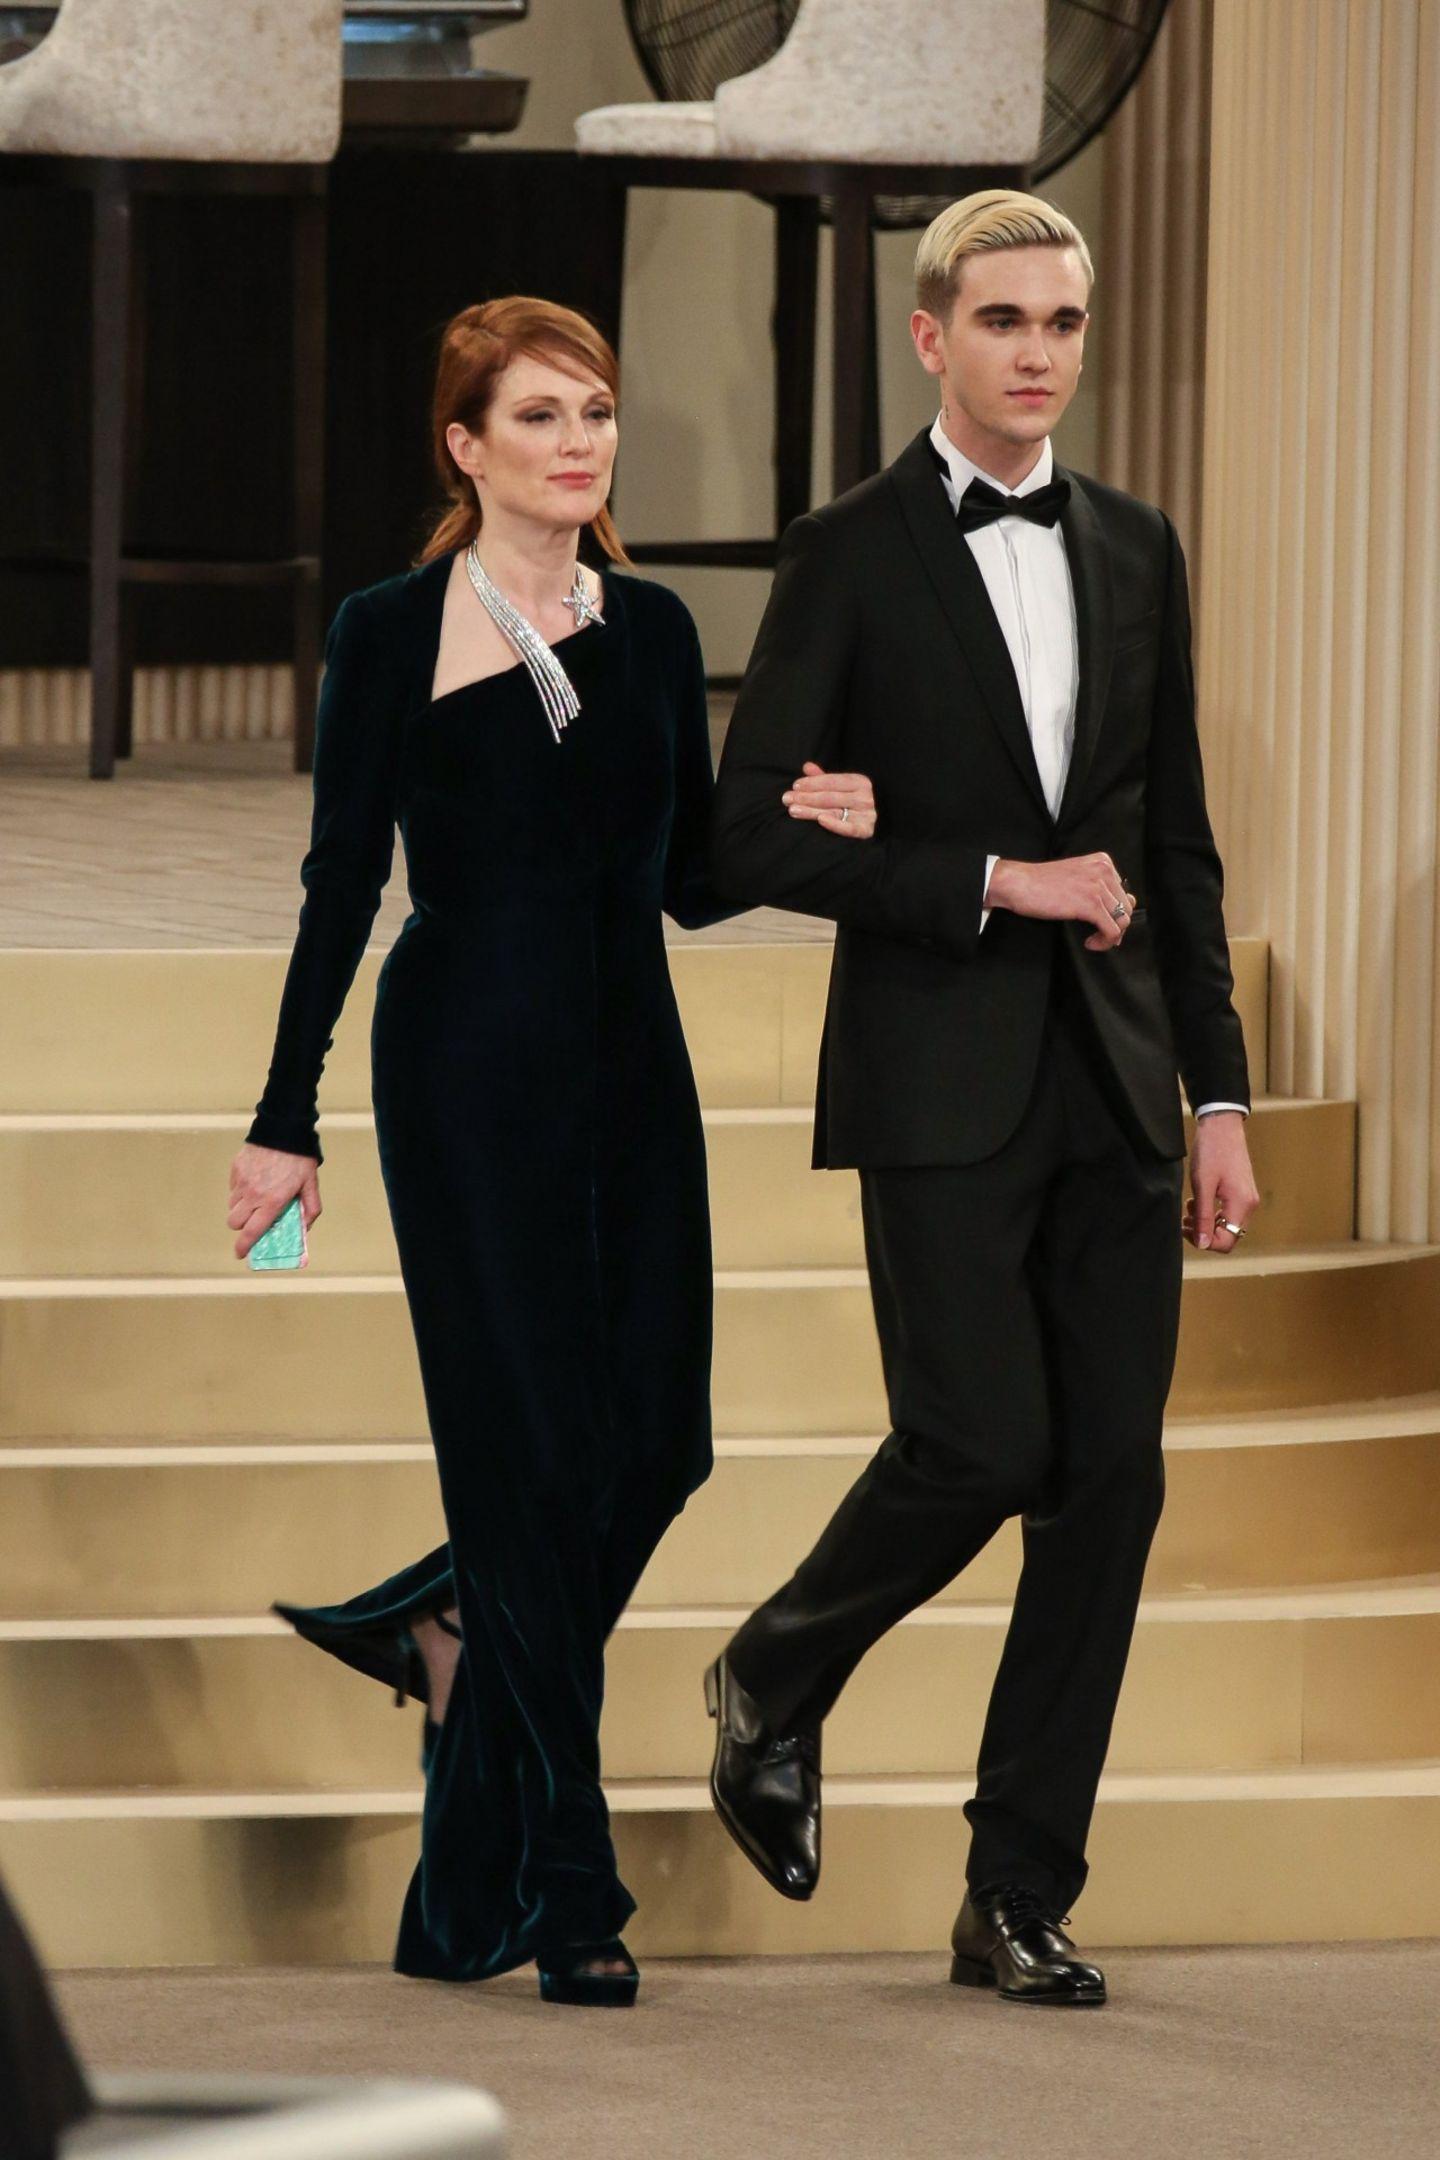 Nein, der smarte Junge an der Seite von Schauspielerin Julianne Moore ist kein Model, sondern prominenter Hollywood-Nachwuchs.Gabriel-Kane Day-Lewis ist der Sohn von Oscar-Preisträger Daniel Day-Lewis und SchauspielerinIsabelle Adjani. Der Brite und die Französin waren von1989 bis 1994 liiert. Day-Lewis verließ Adjani, als diese schwanger war. Mittlerweile ist Gabriel 20 Jahre alt und modelte nun bei der Haute-Couture-Show des Labels Chanel.